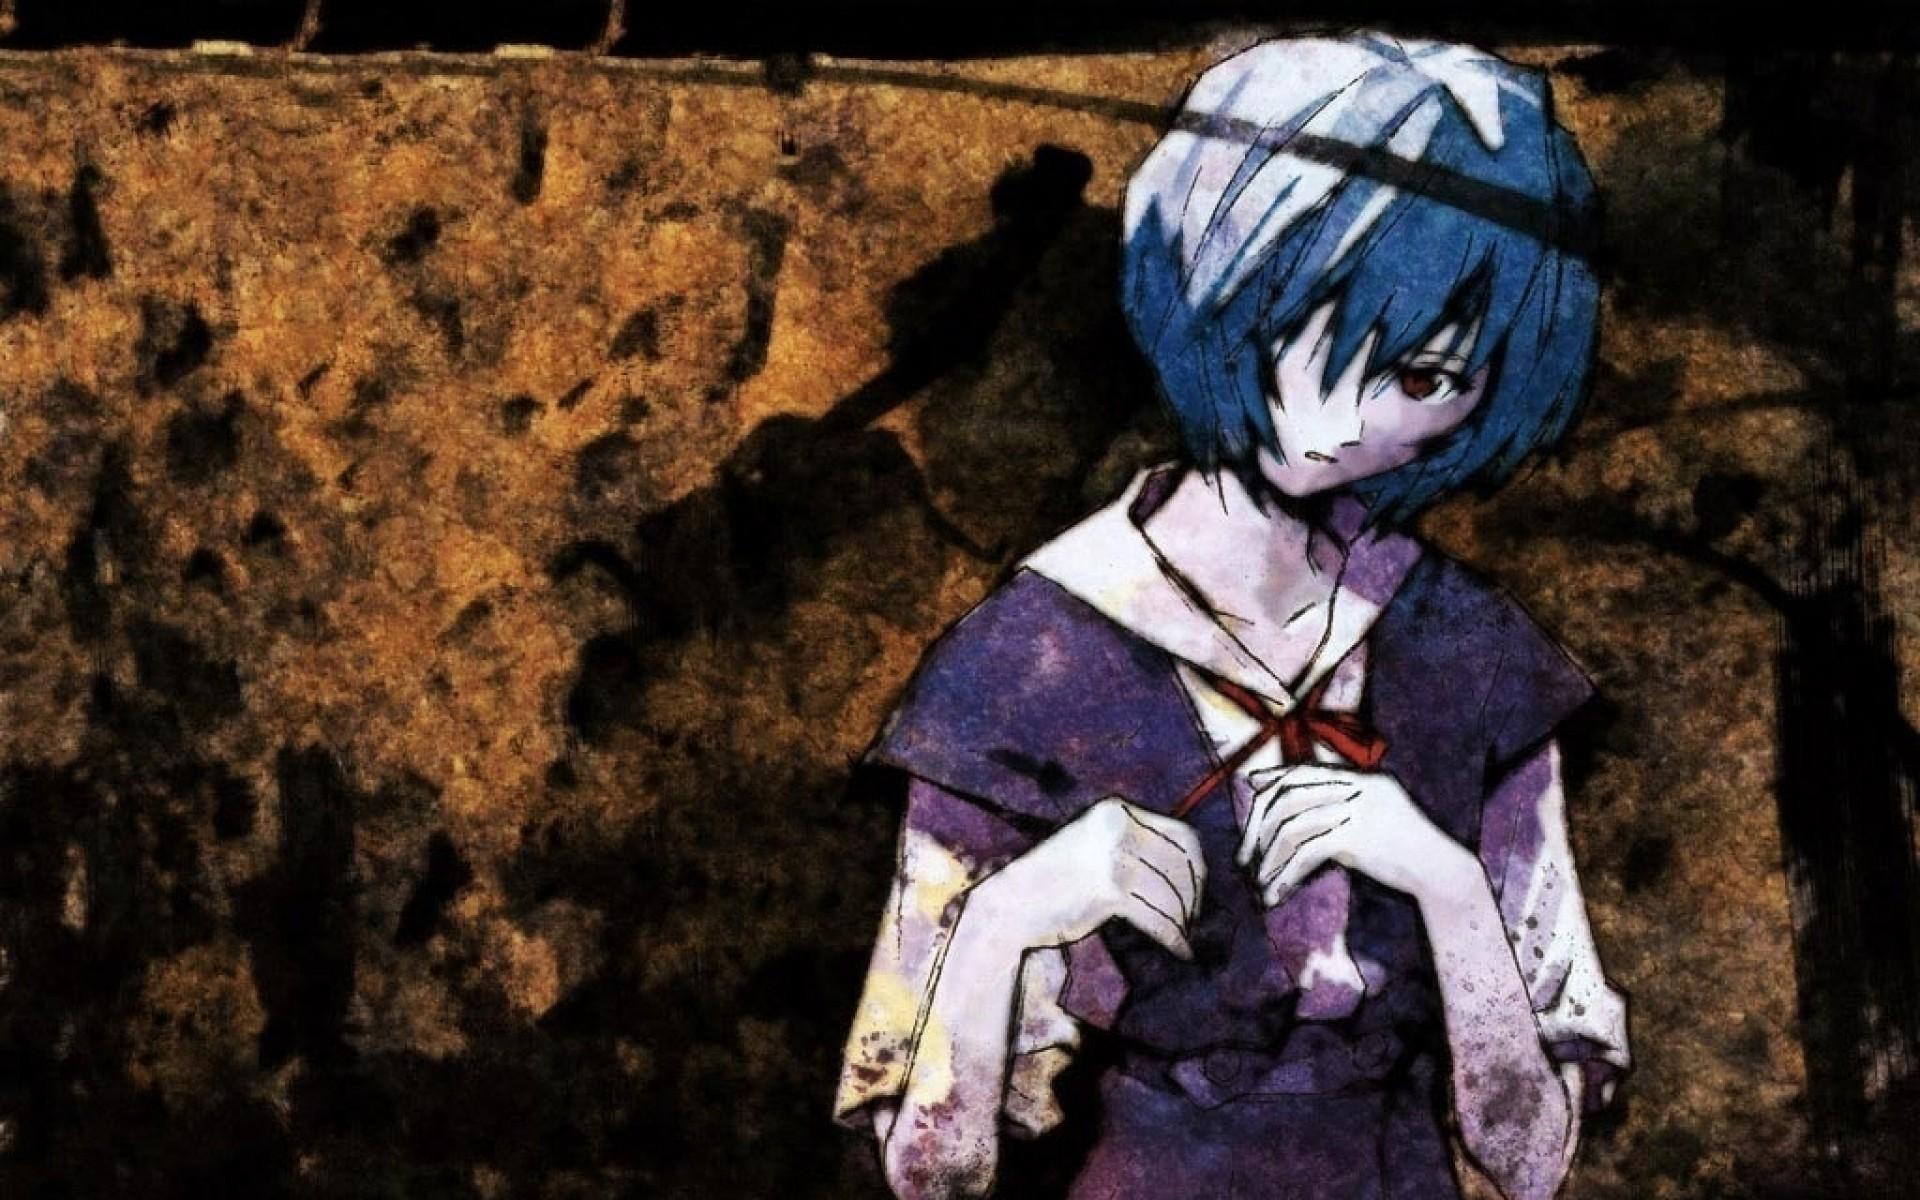 Rei Ayanami Wallpaper HD by strudenfreund on DeviantArt